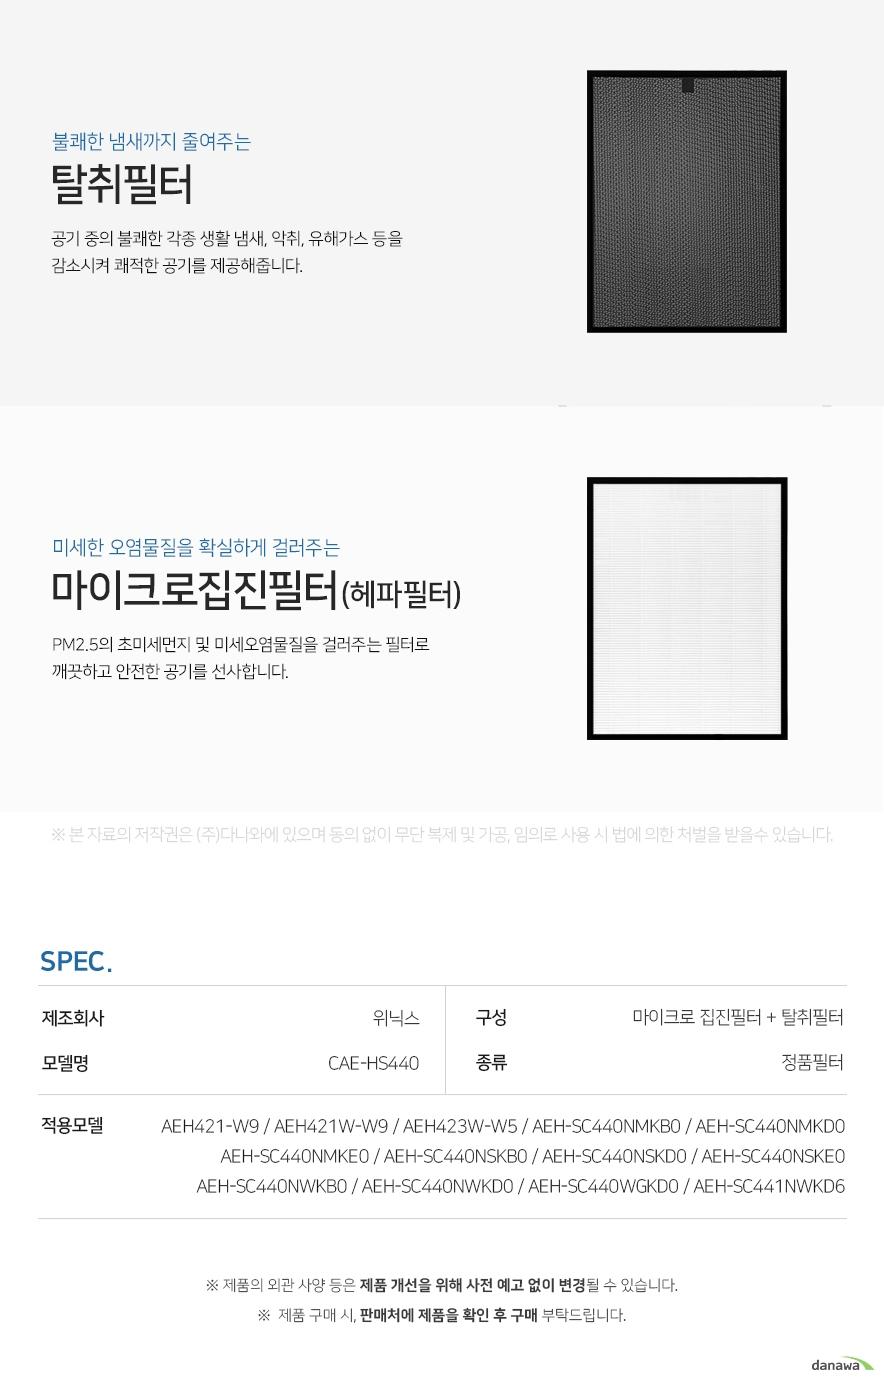 [촬영상품]위닉스 CAF-COS6 필터 (구모델명:CAE-HS440)